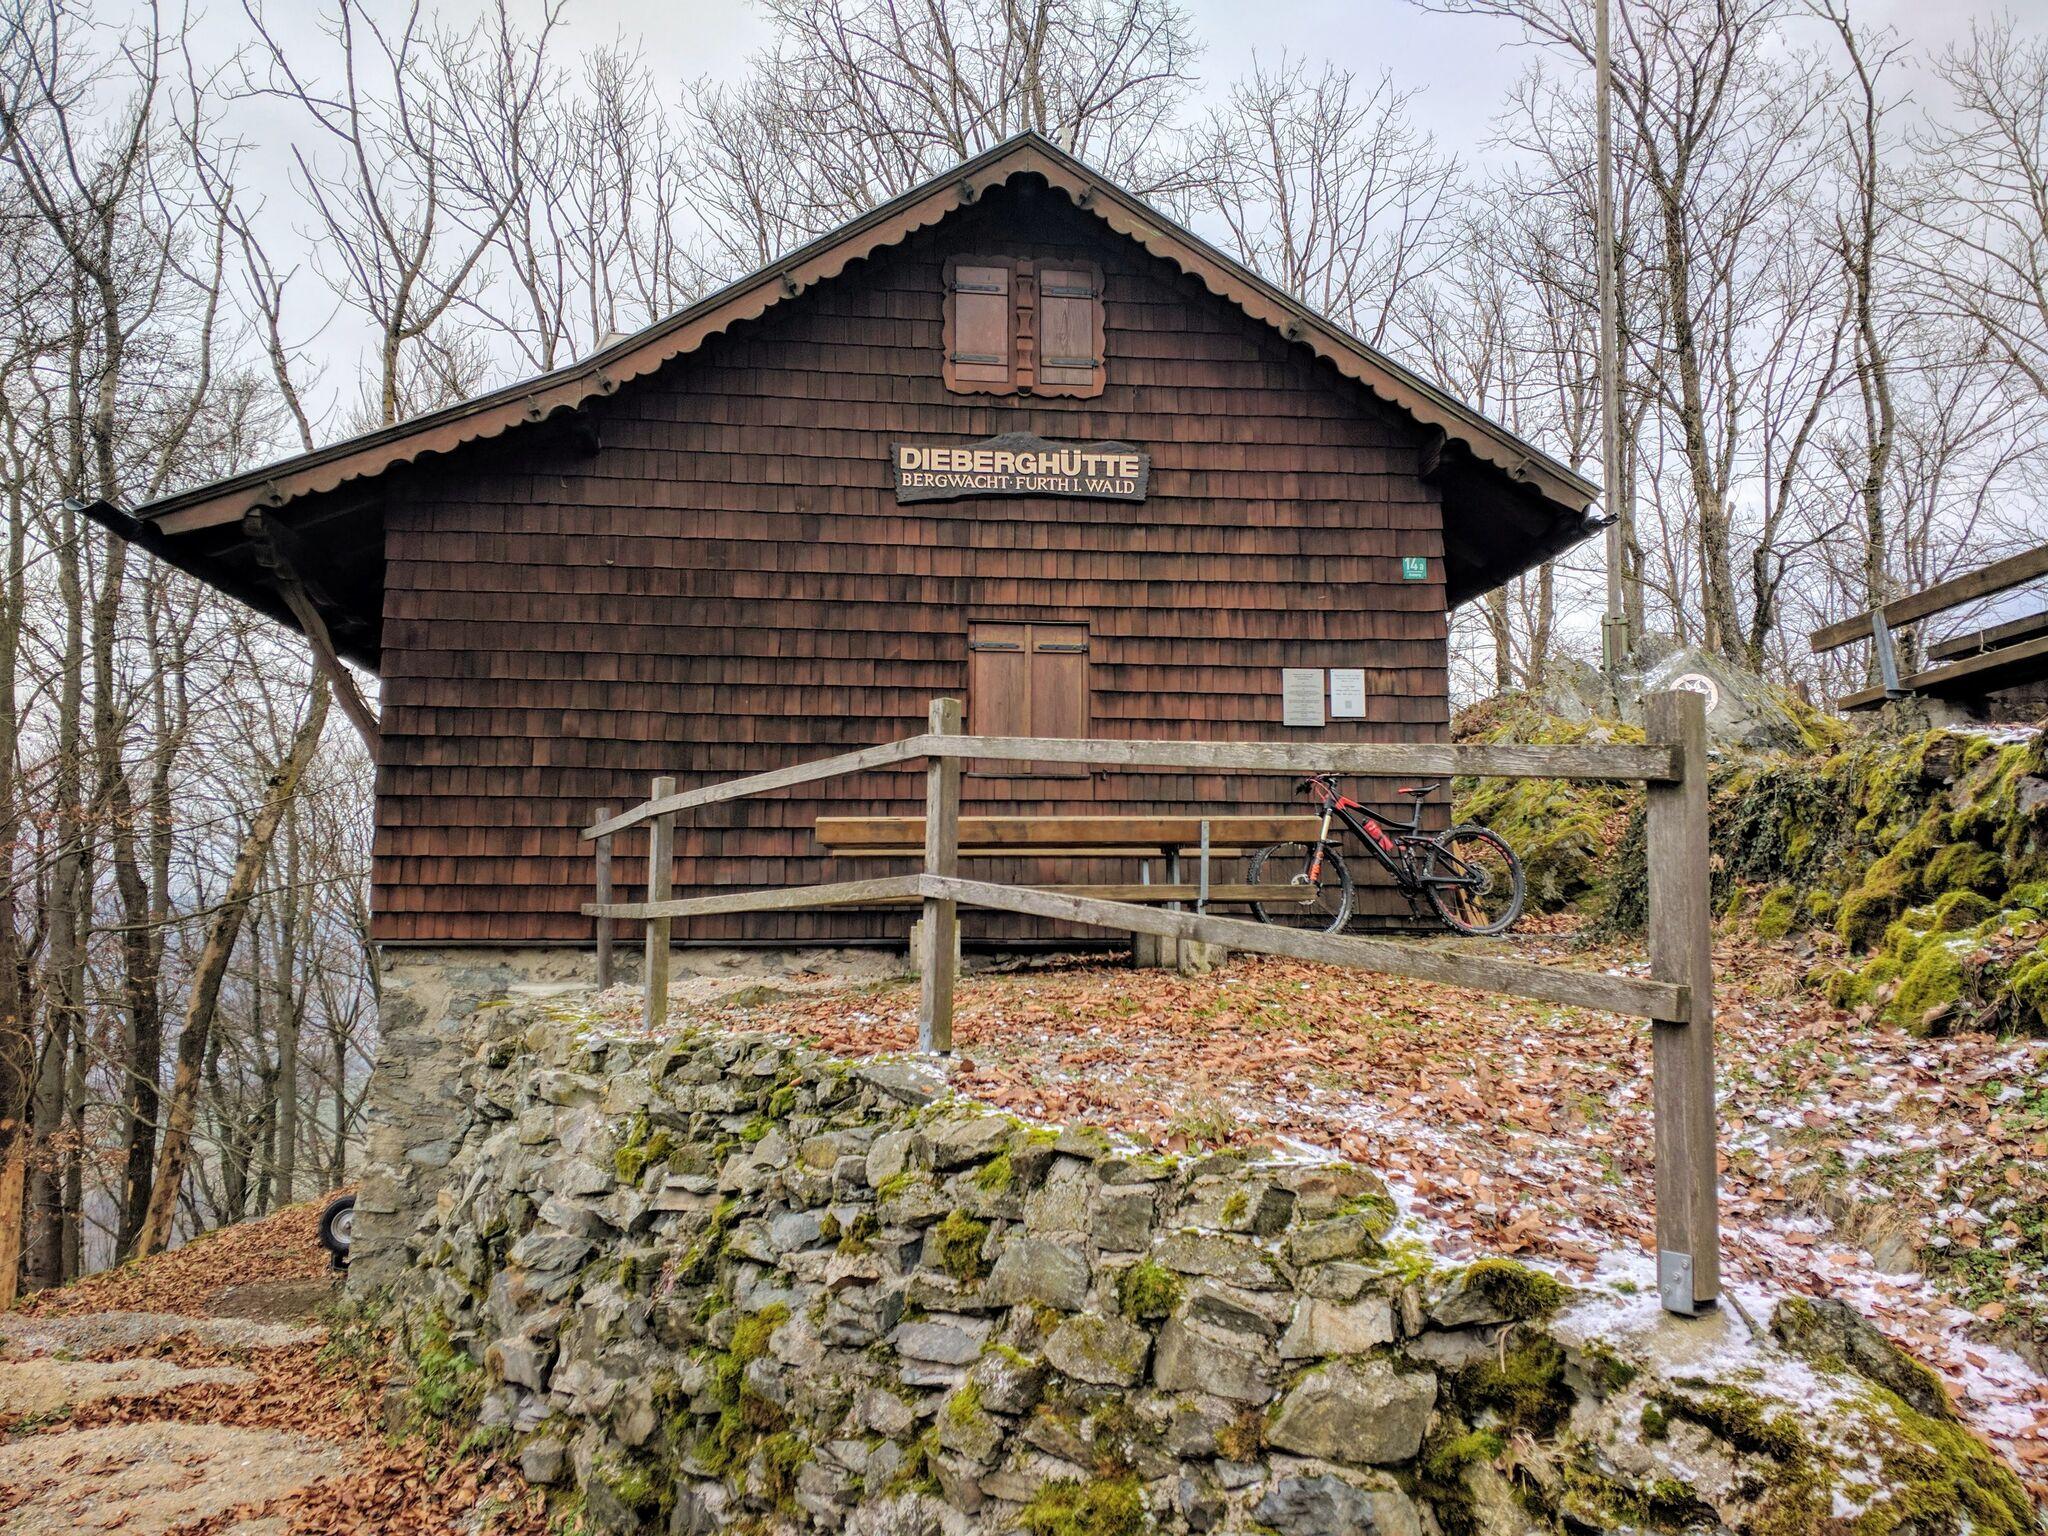 Dieberghütte der Bergwacht Furth im Wald